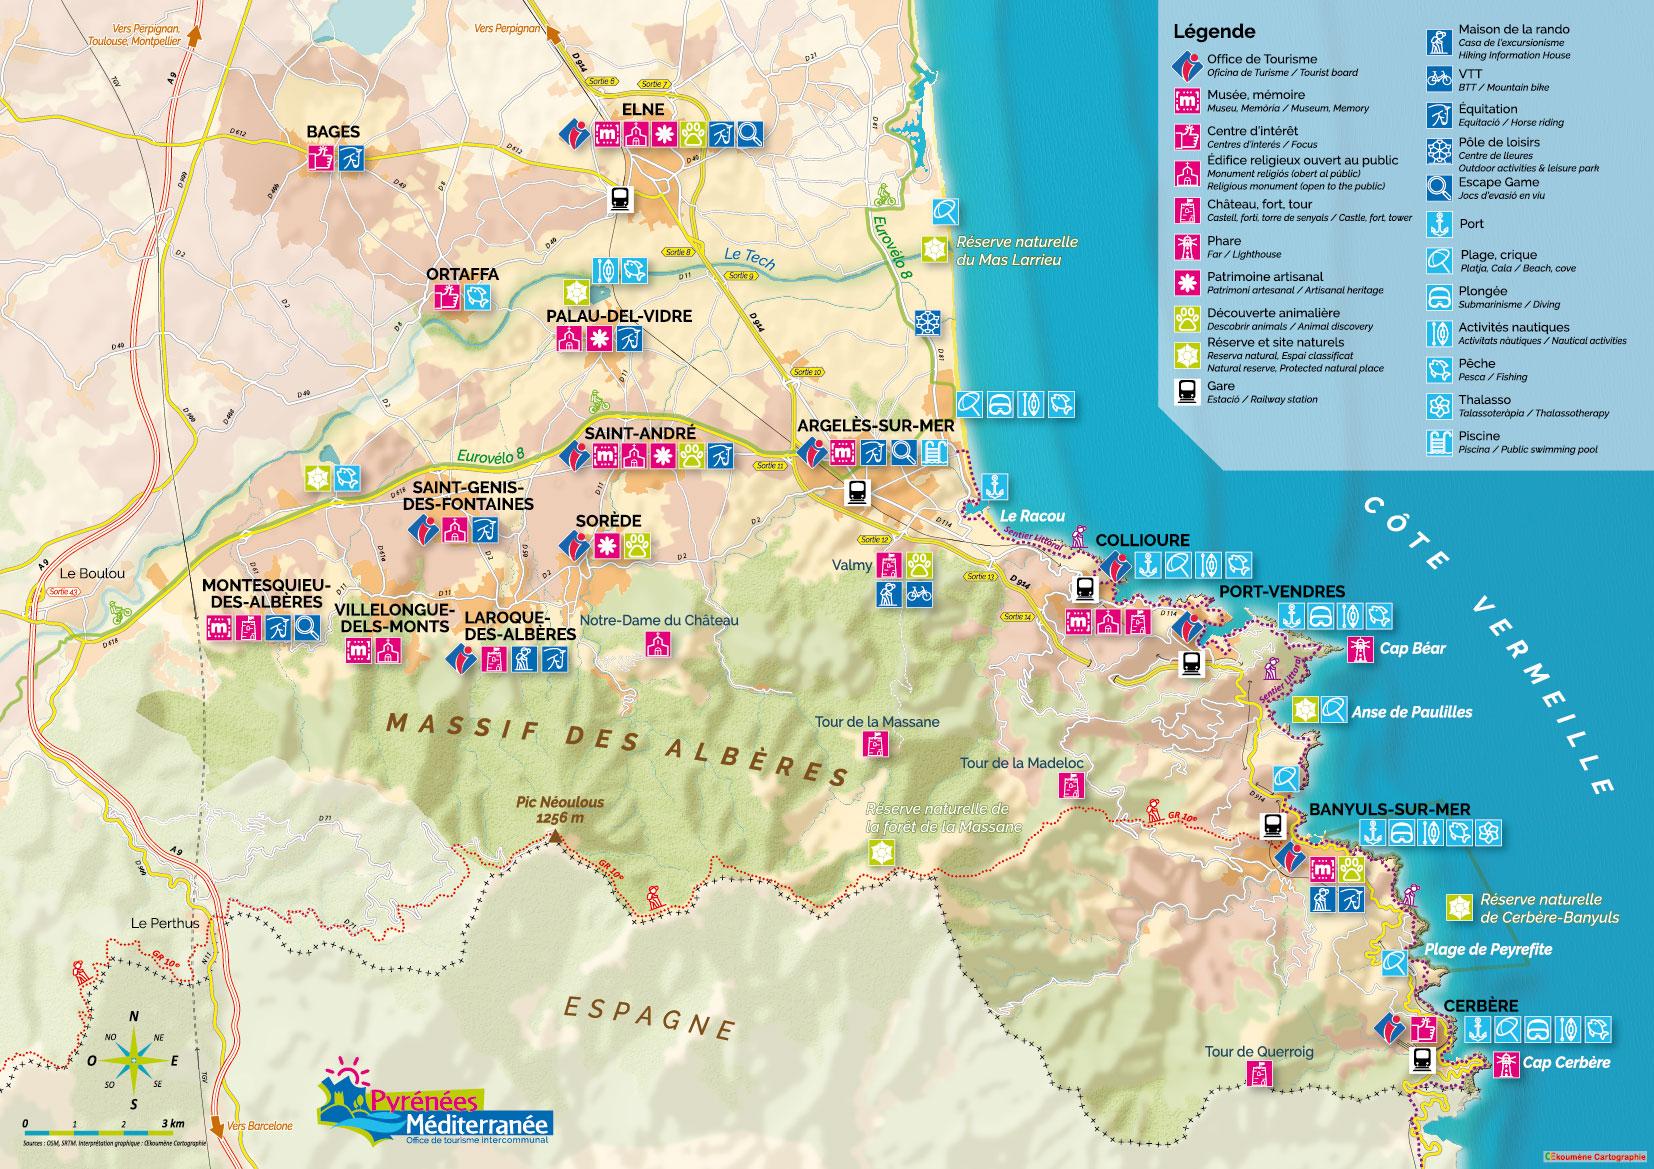 Cartographie Touristique Oekoumene Cartographie